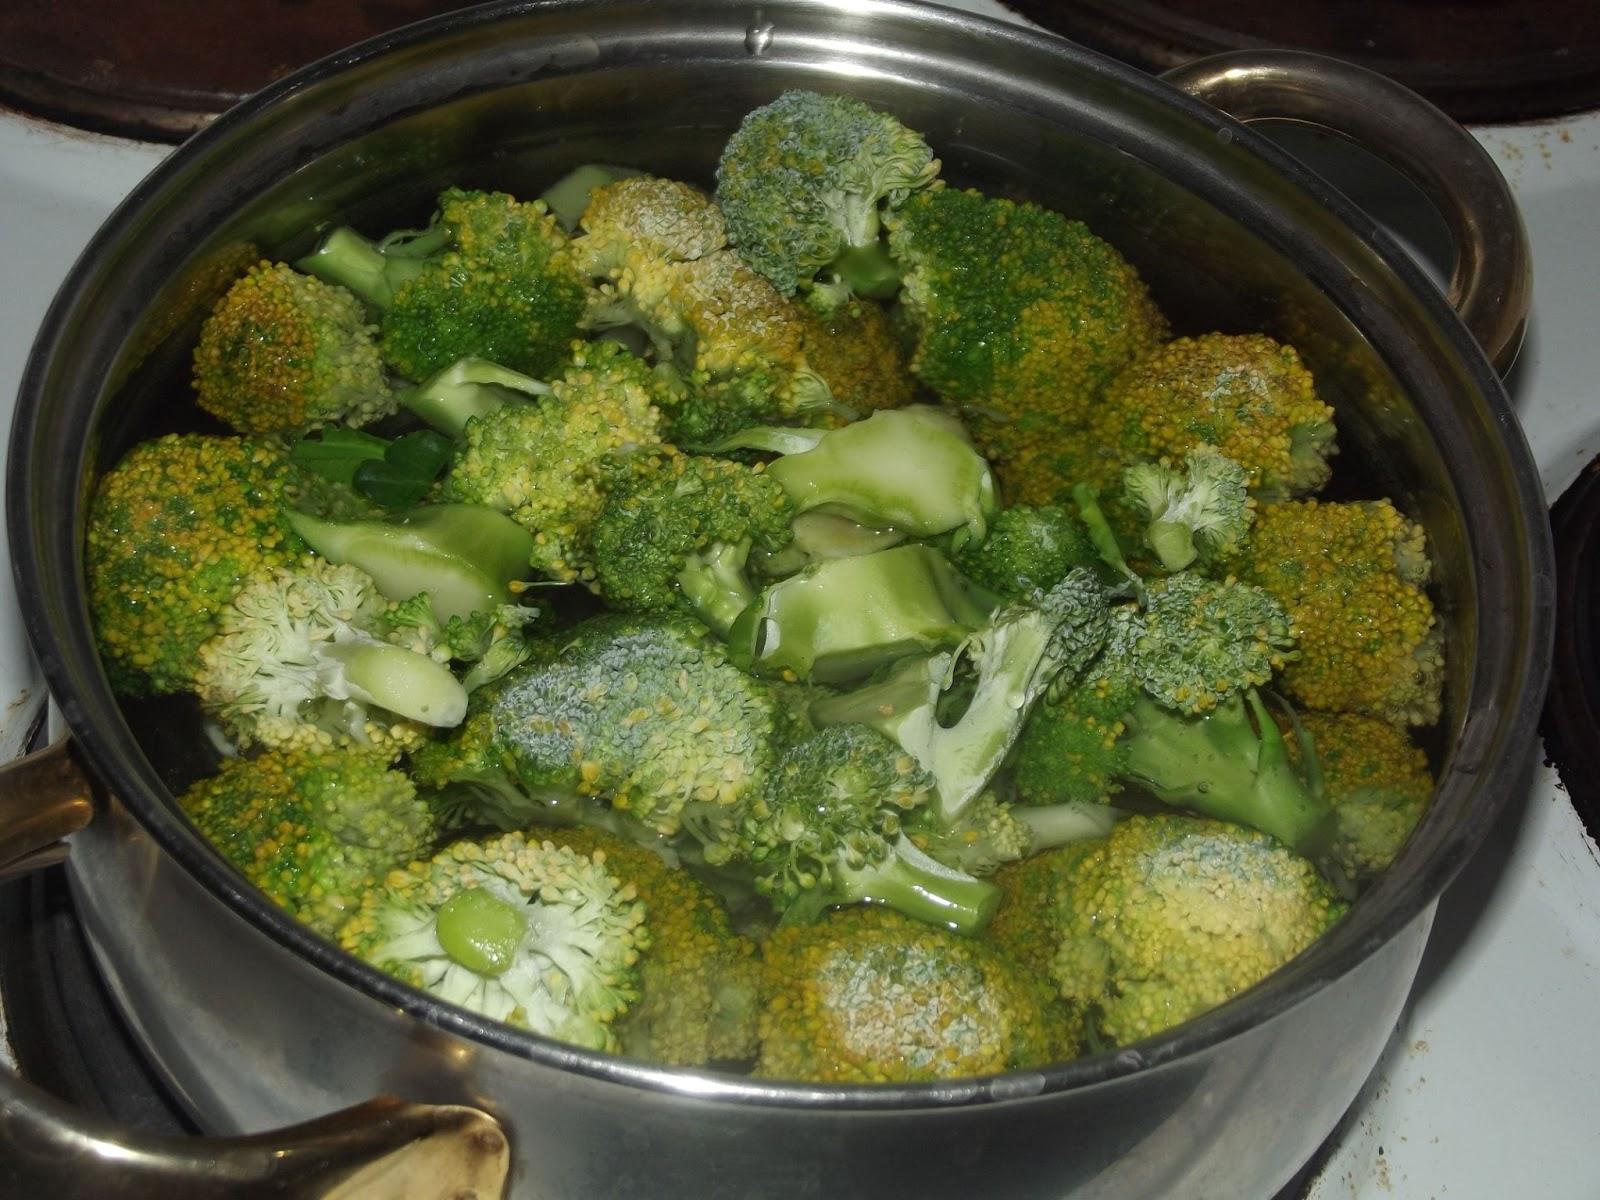 Adventures in Flavorland: Spaghetti with broccoli cream pesto